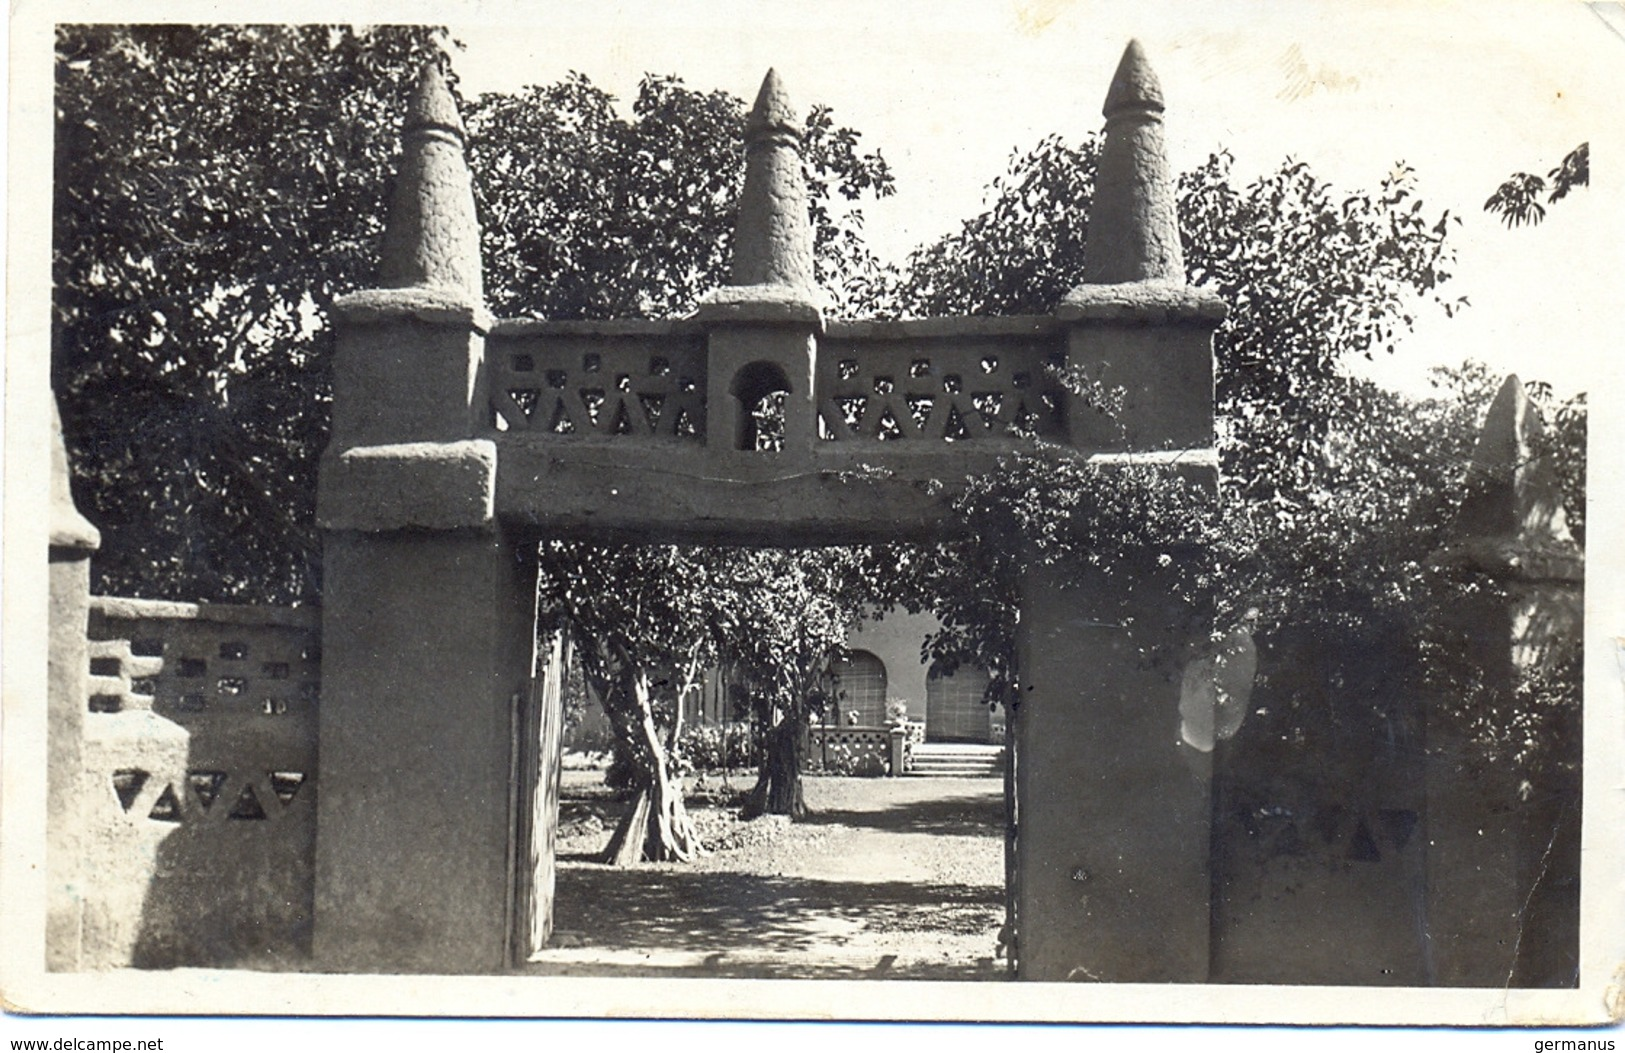 GUERRE 39-45 DIVISION MILITAIRE NIGER-OUEST * PLACE DE NIAMEY * NIGER TàD 9 JUIL 41 - Marcofilia (sobres)